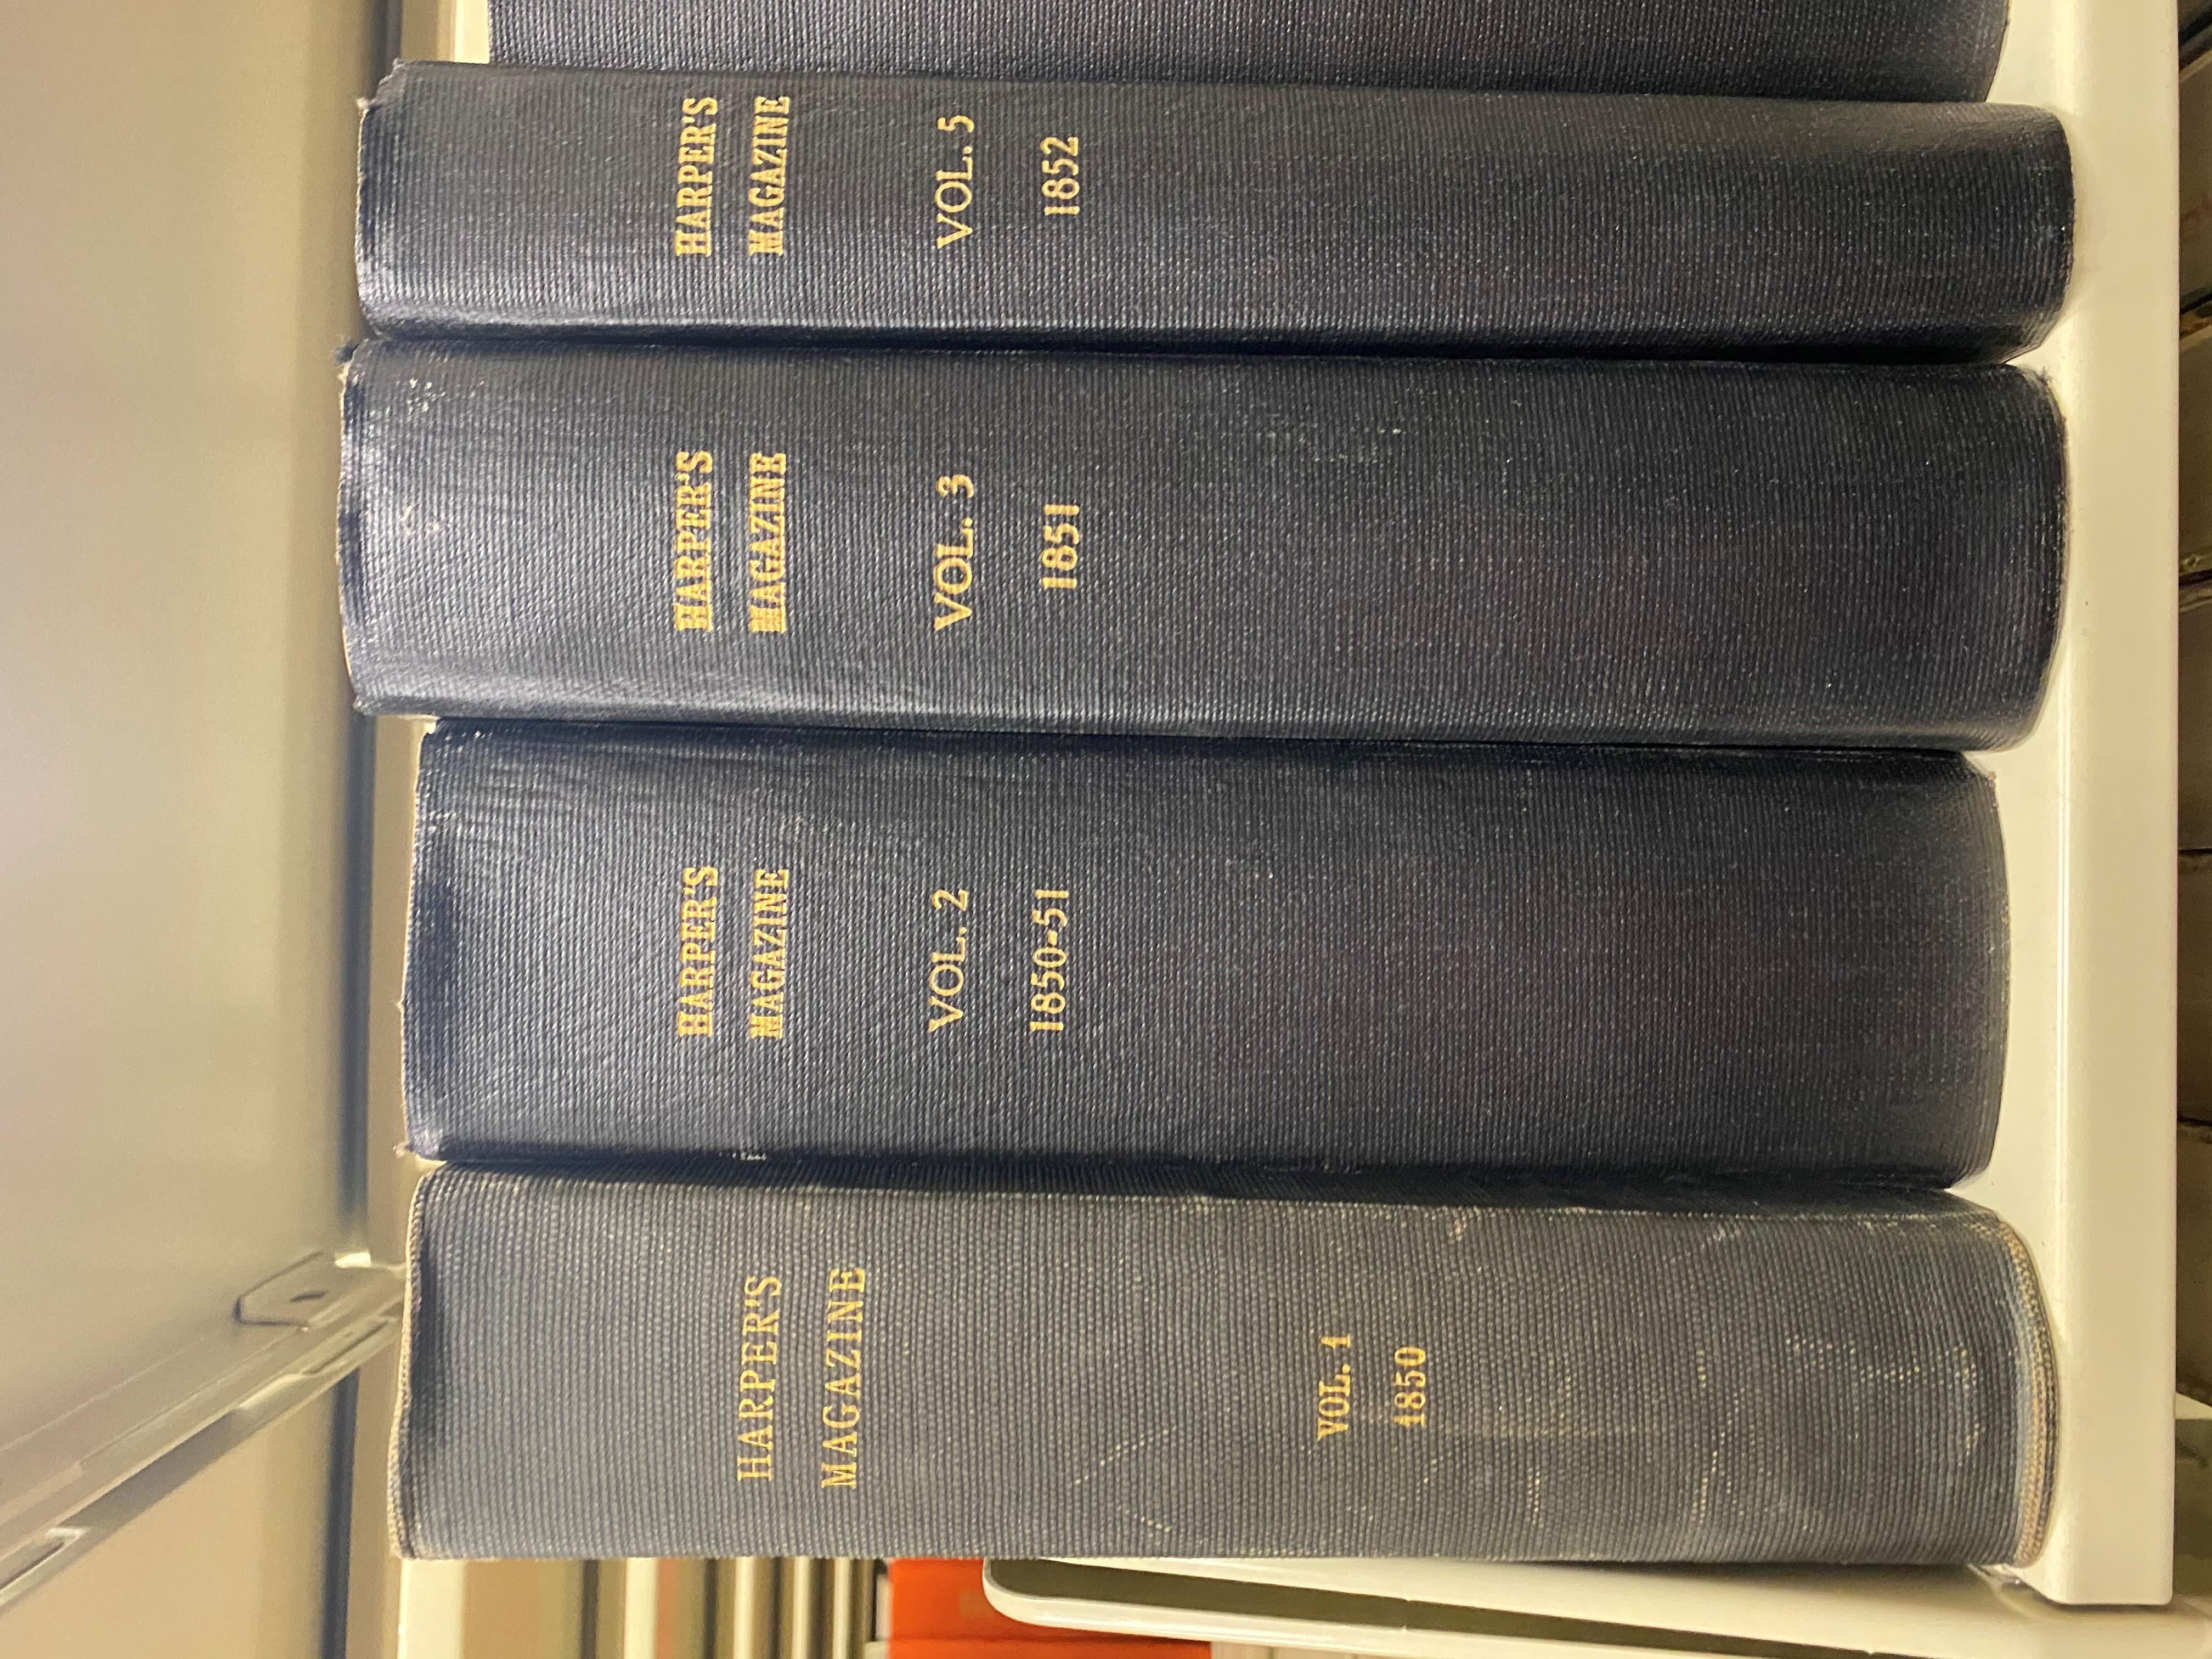 Bound volumes of Harper's magazine sit on shelf